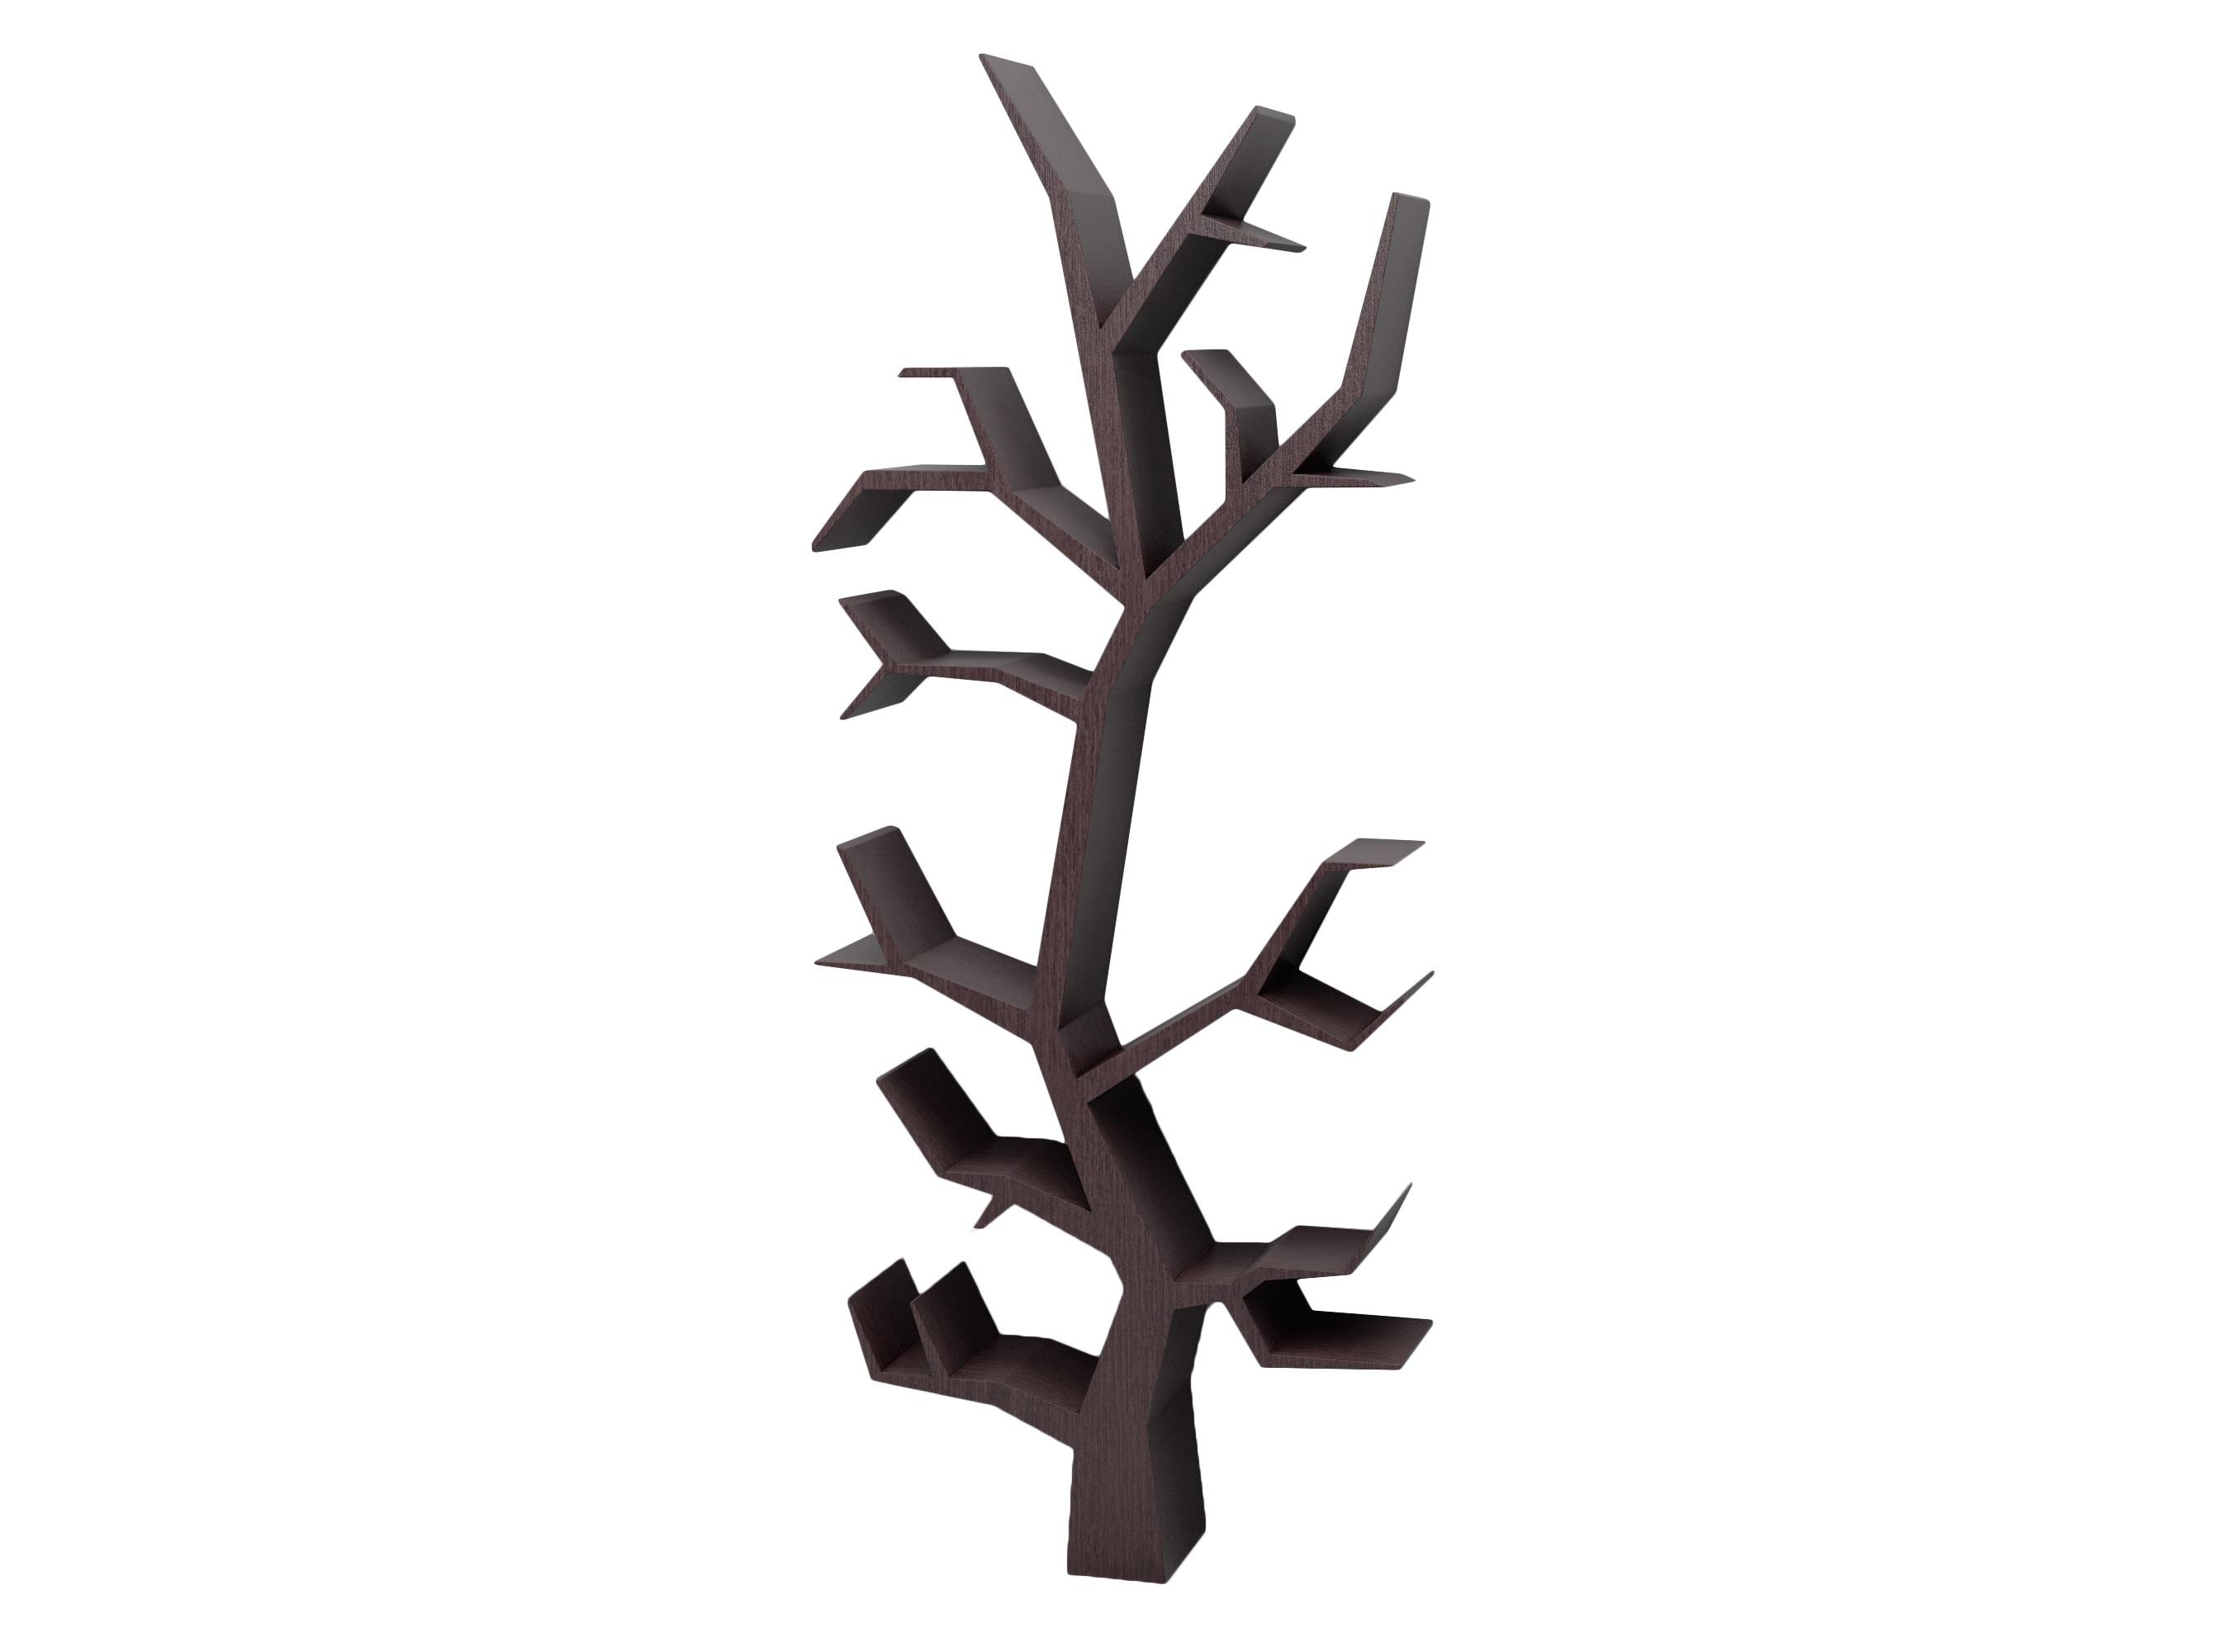 Стеллаж ДеревоСтеллажи и этажерки<br>Креативный стеллаж в виде дерева удобен для хранения книг и различных мелочей&amp;amp;nbsp;&amp;lt;div&amp;gt;&amp;lt;br&amp;gt;&amp;lt;/div&amp;gt;&amp;lt;div&amp;gt;Материал: МДФ, шпон&amp;amp;nbsp;&amp;lt;/div&amp;gt;<br><br>Material: МДФ<br>Width см: 89<br>Depth см: 24<br>Height см: 229